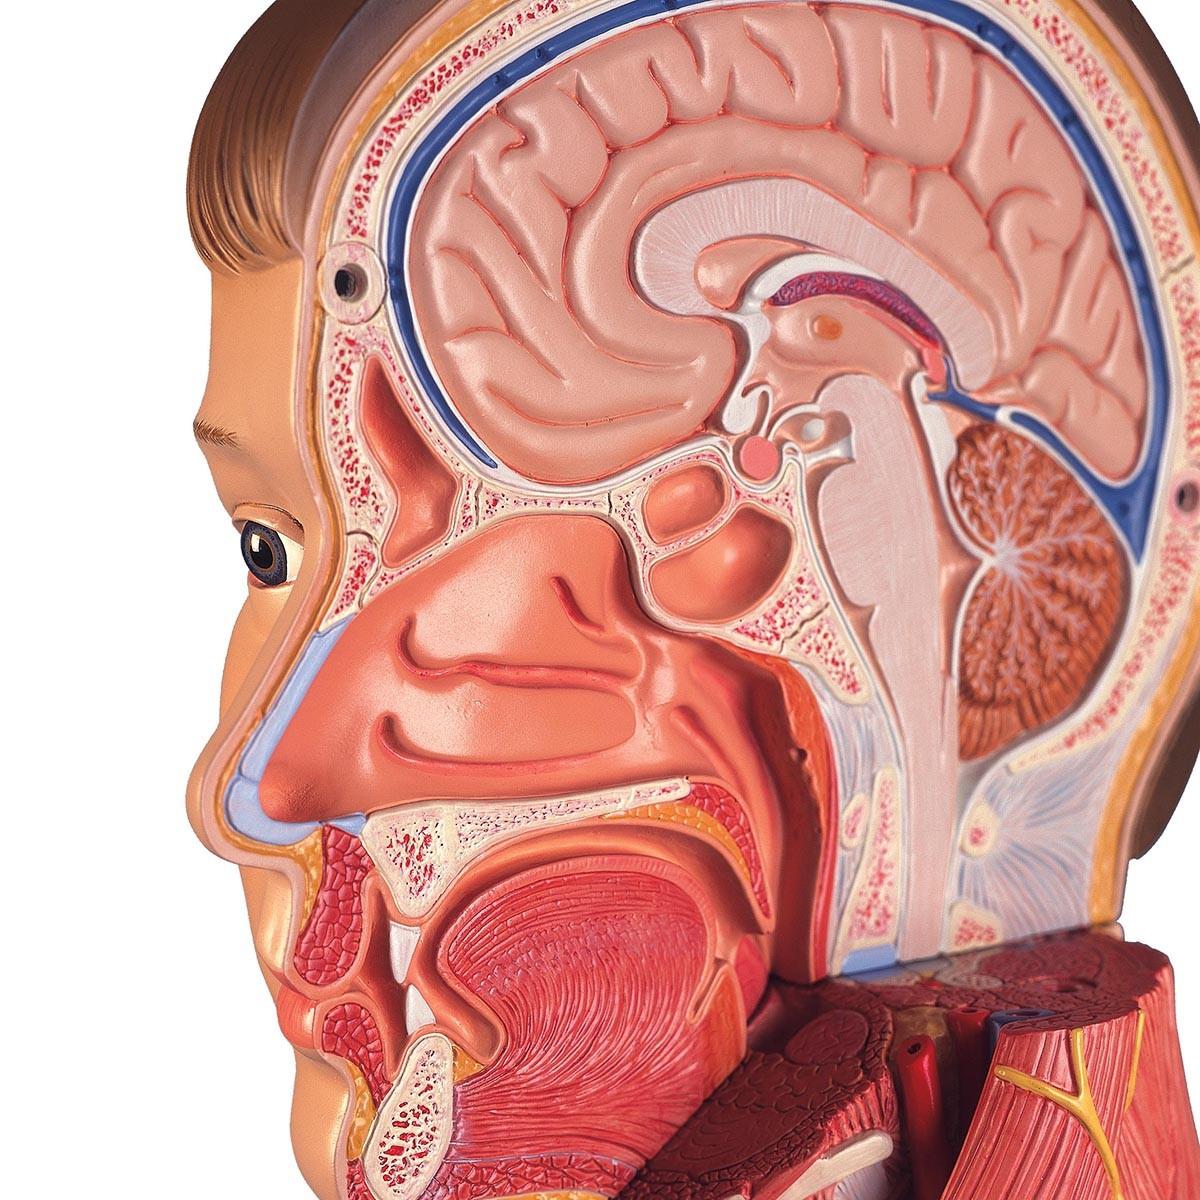 Lebensgroße zweigeschlechtige 3B Scientific® Muskelfigur, europäisch, 39-teilig